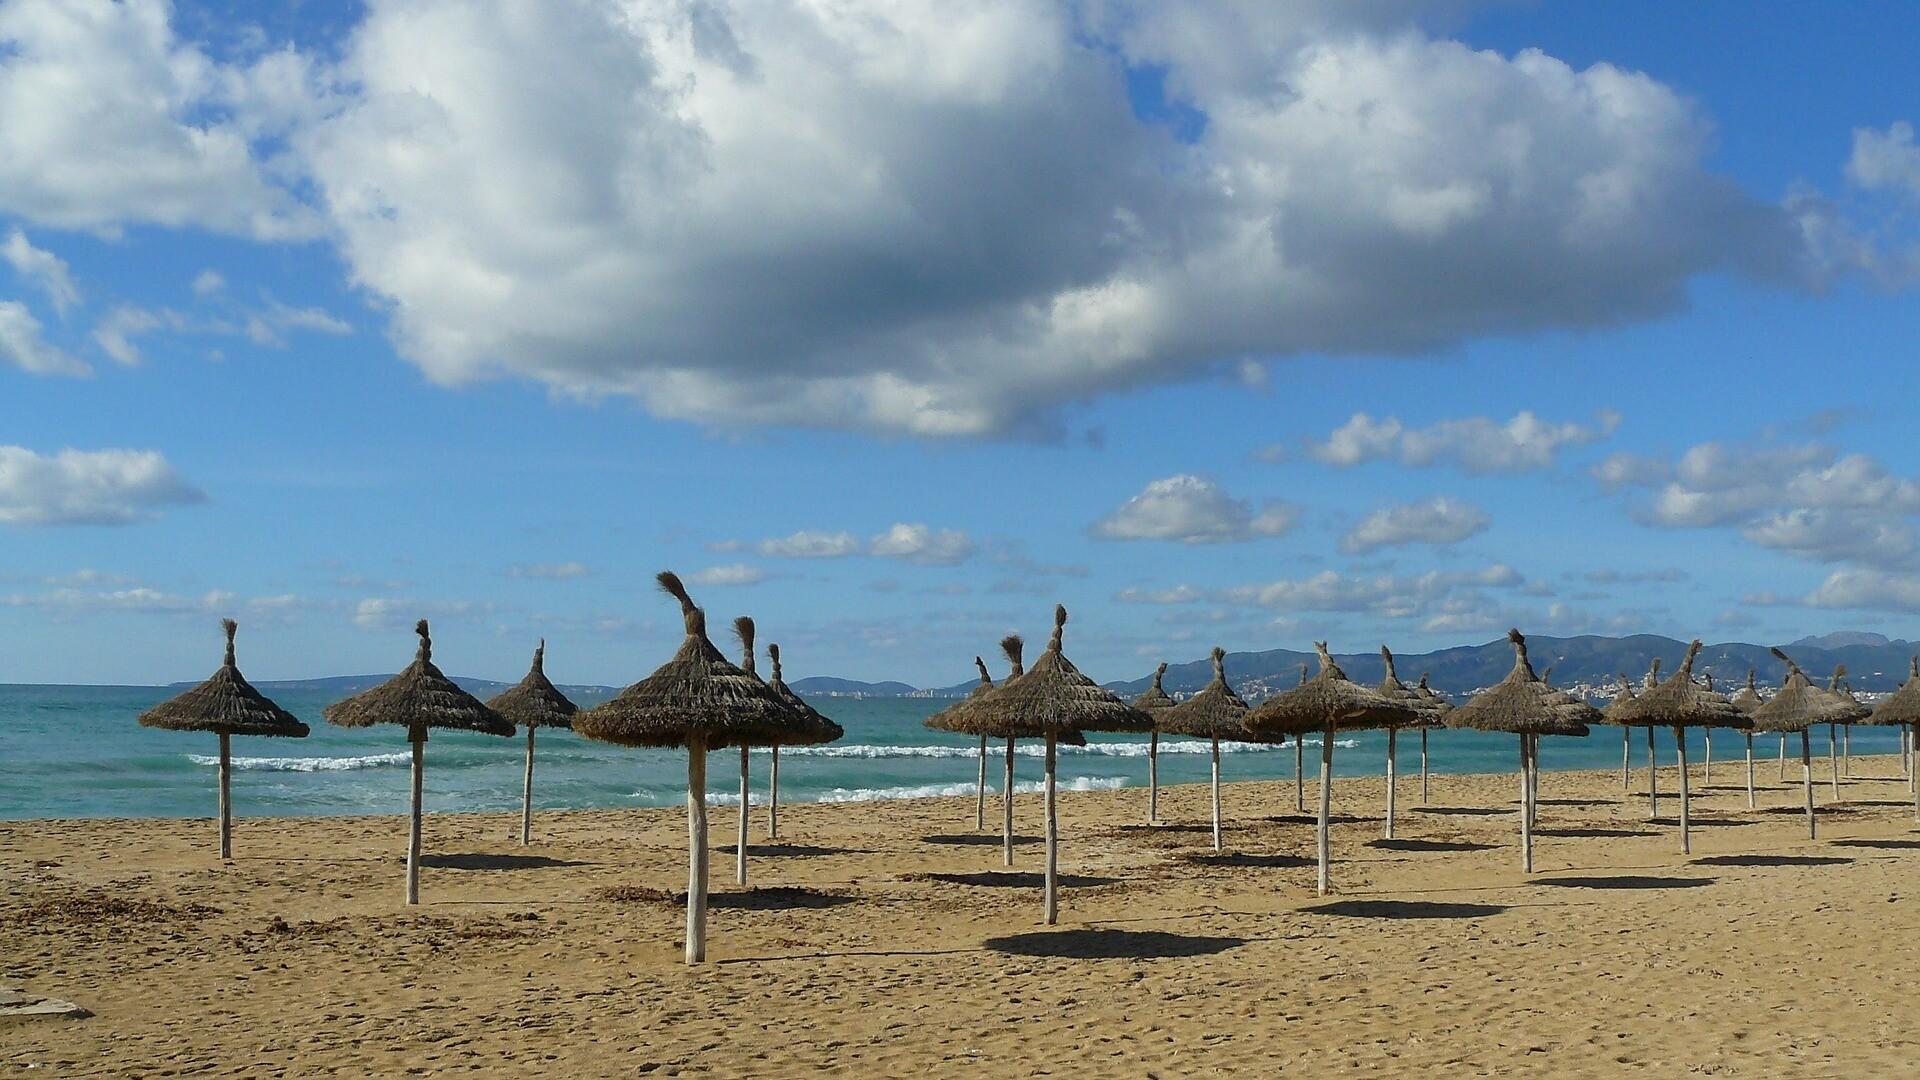 Playa de Palma, Majorca